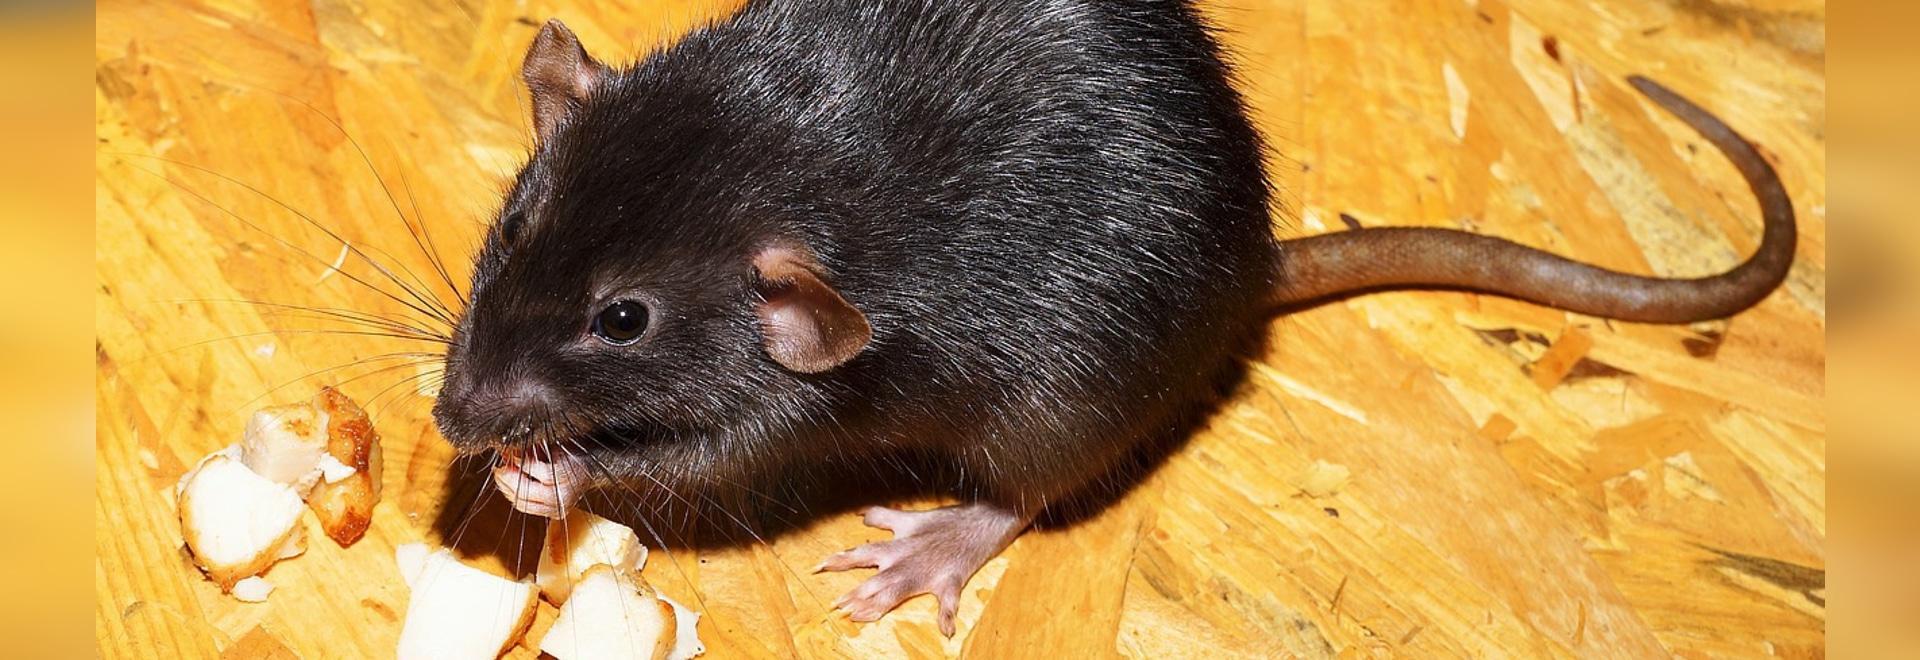 Les rats paraplégiques marchent et regagnent le sentiment après traitement de cellule souche